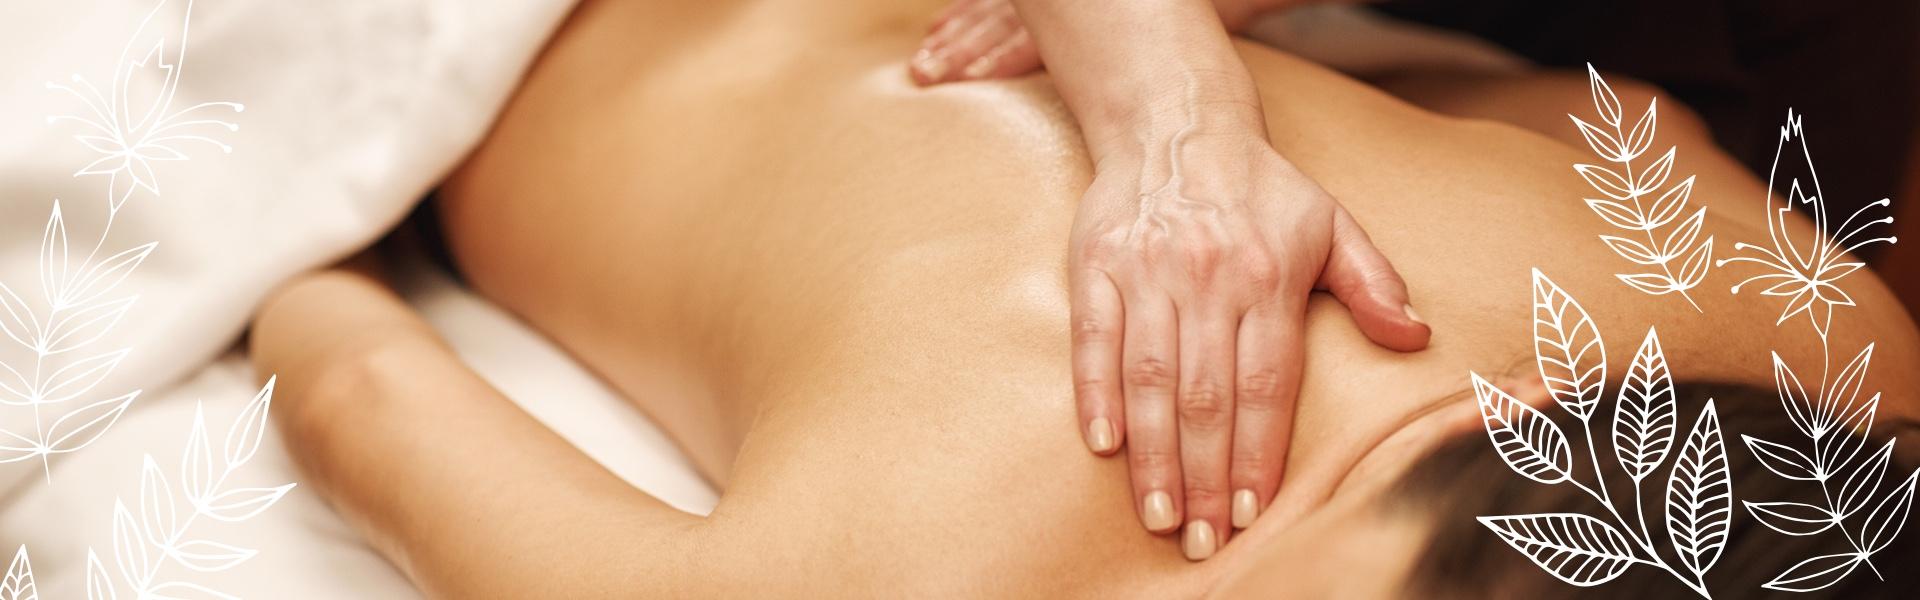 Körperpflege - duschende Frau. Links und Rechts Bläter-Deko-Elemente